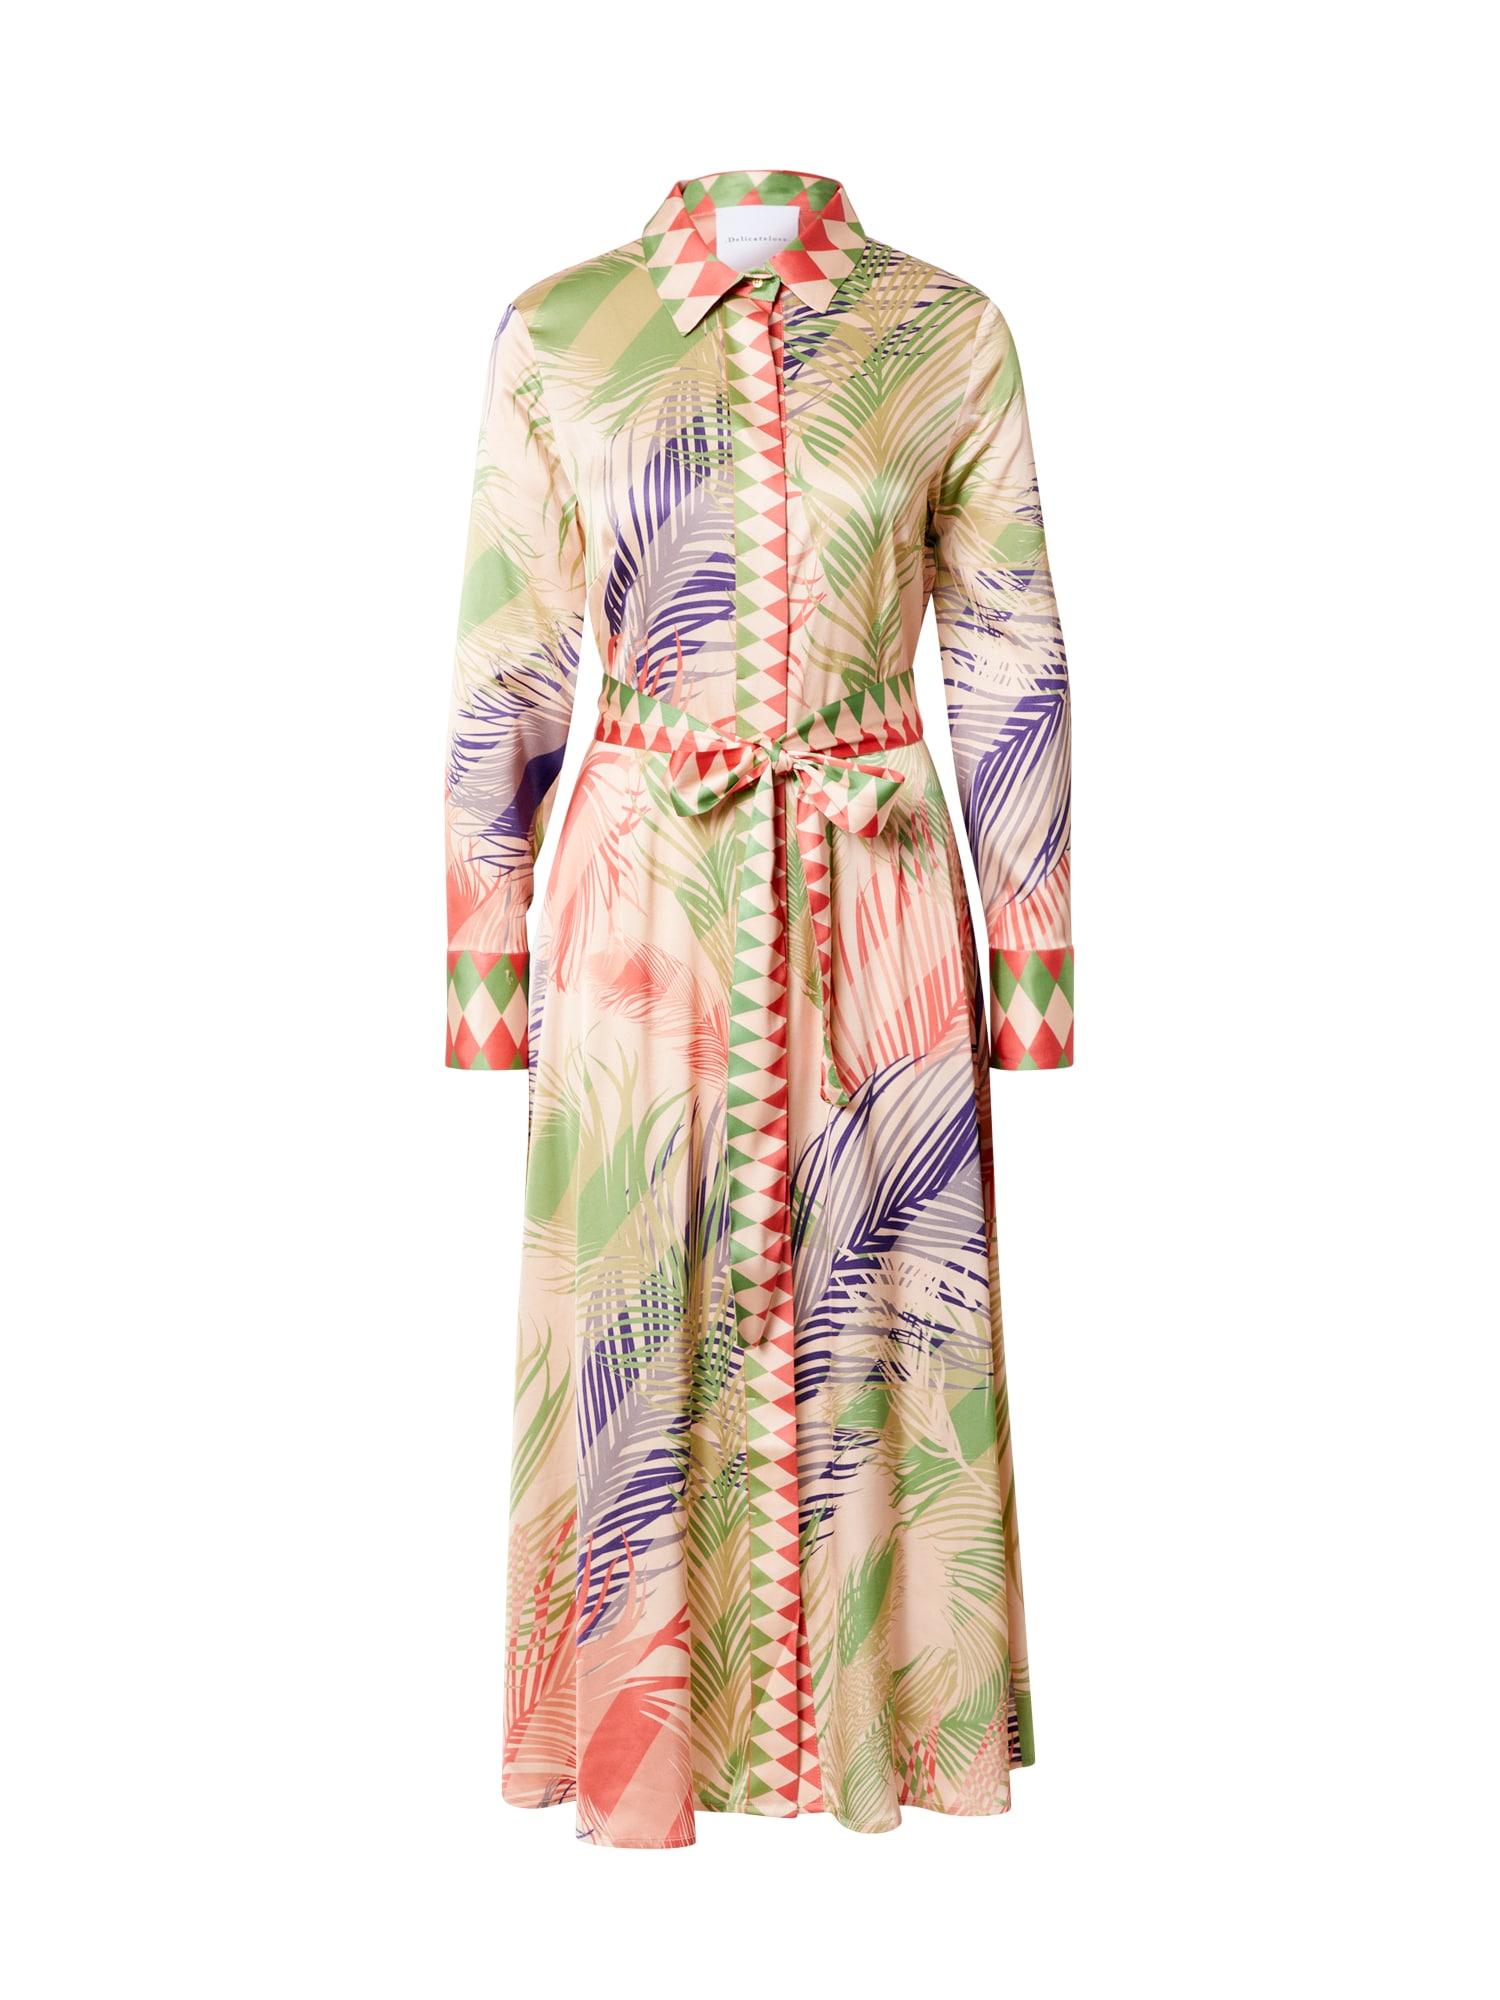 DELICATELOVE Palaidinės tipo suknelė